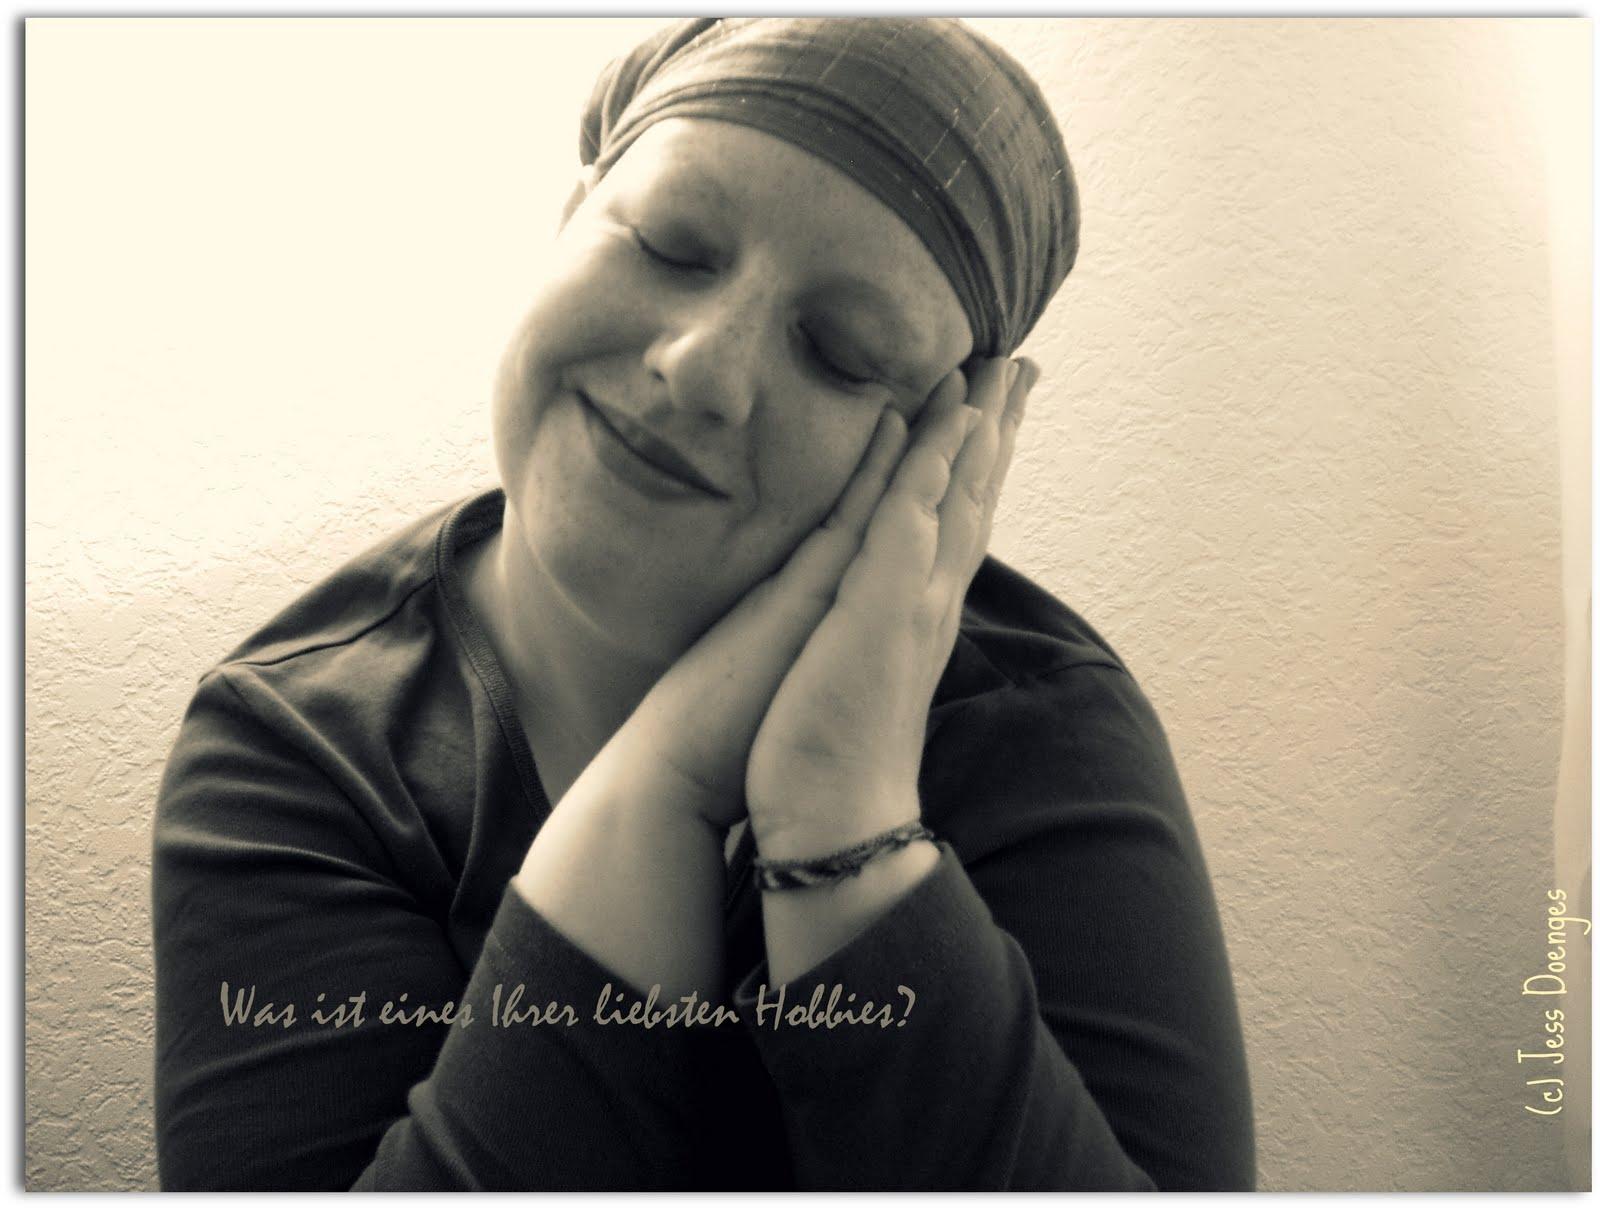 Mein Krebs Heisst Leben Das Bild Zum Buch 12 Eine Der